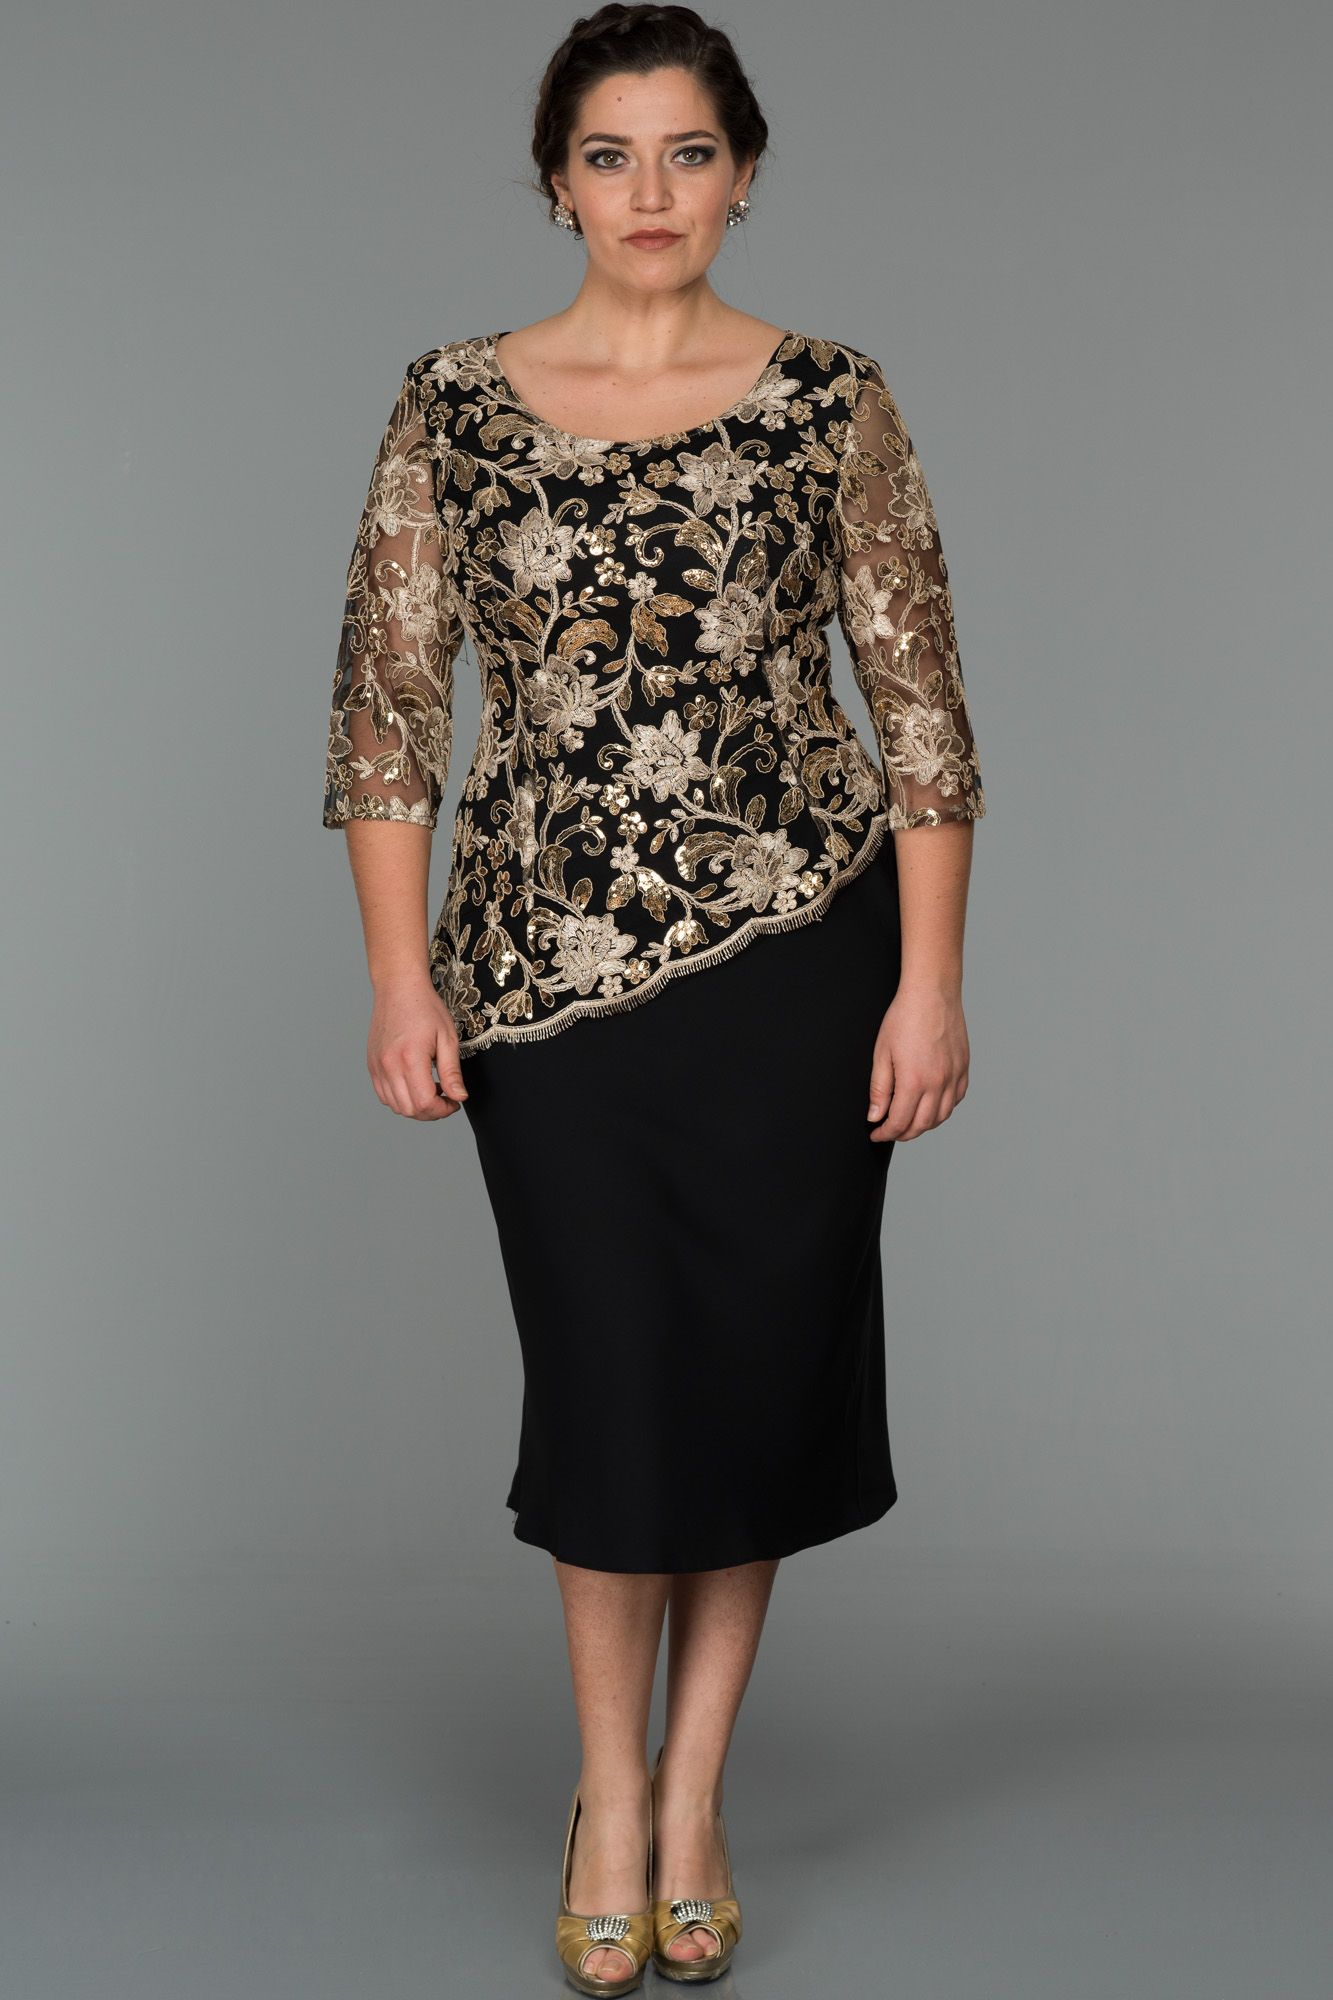 Siyah Gold Dekoltesiz Buyuk Beden Abiye Abk074 Elbise Kiyafet Giyim